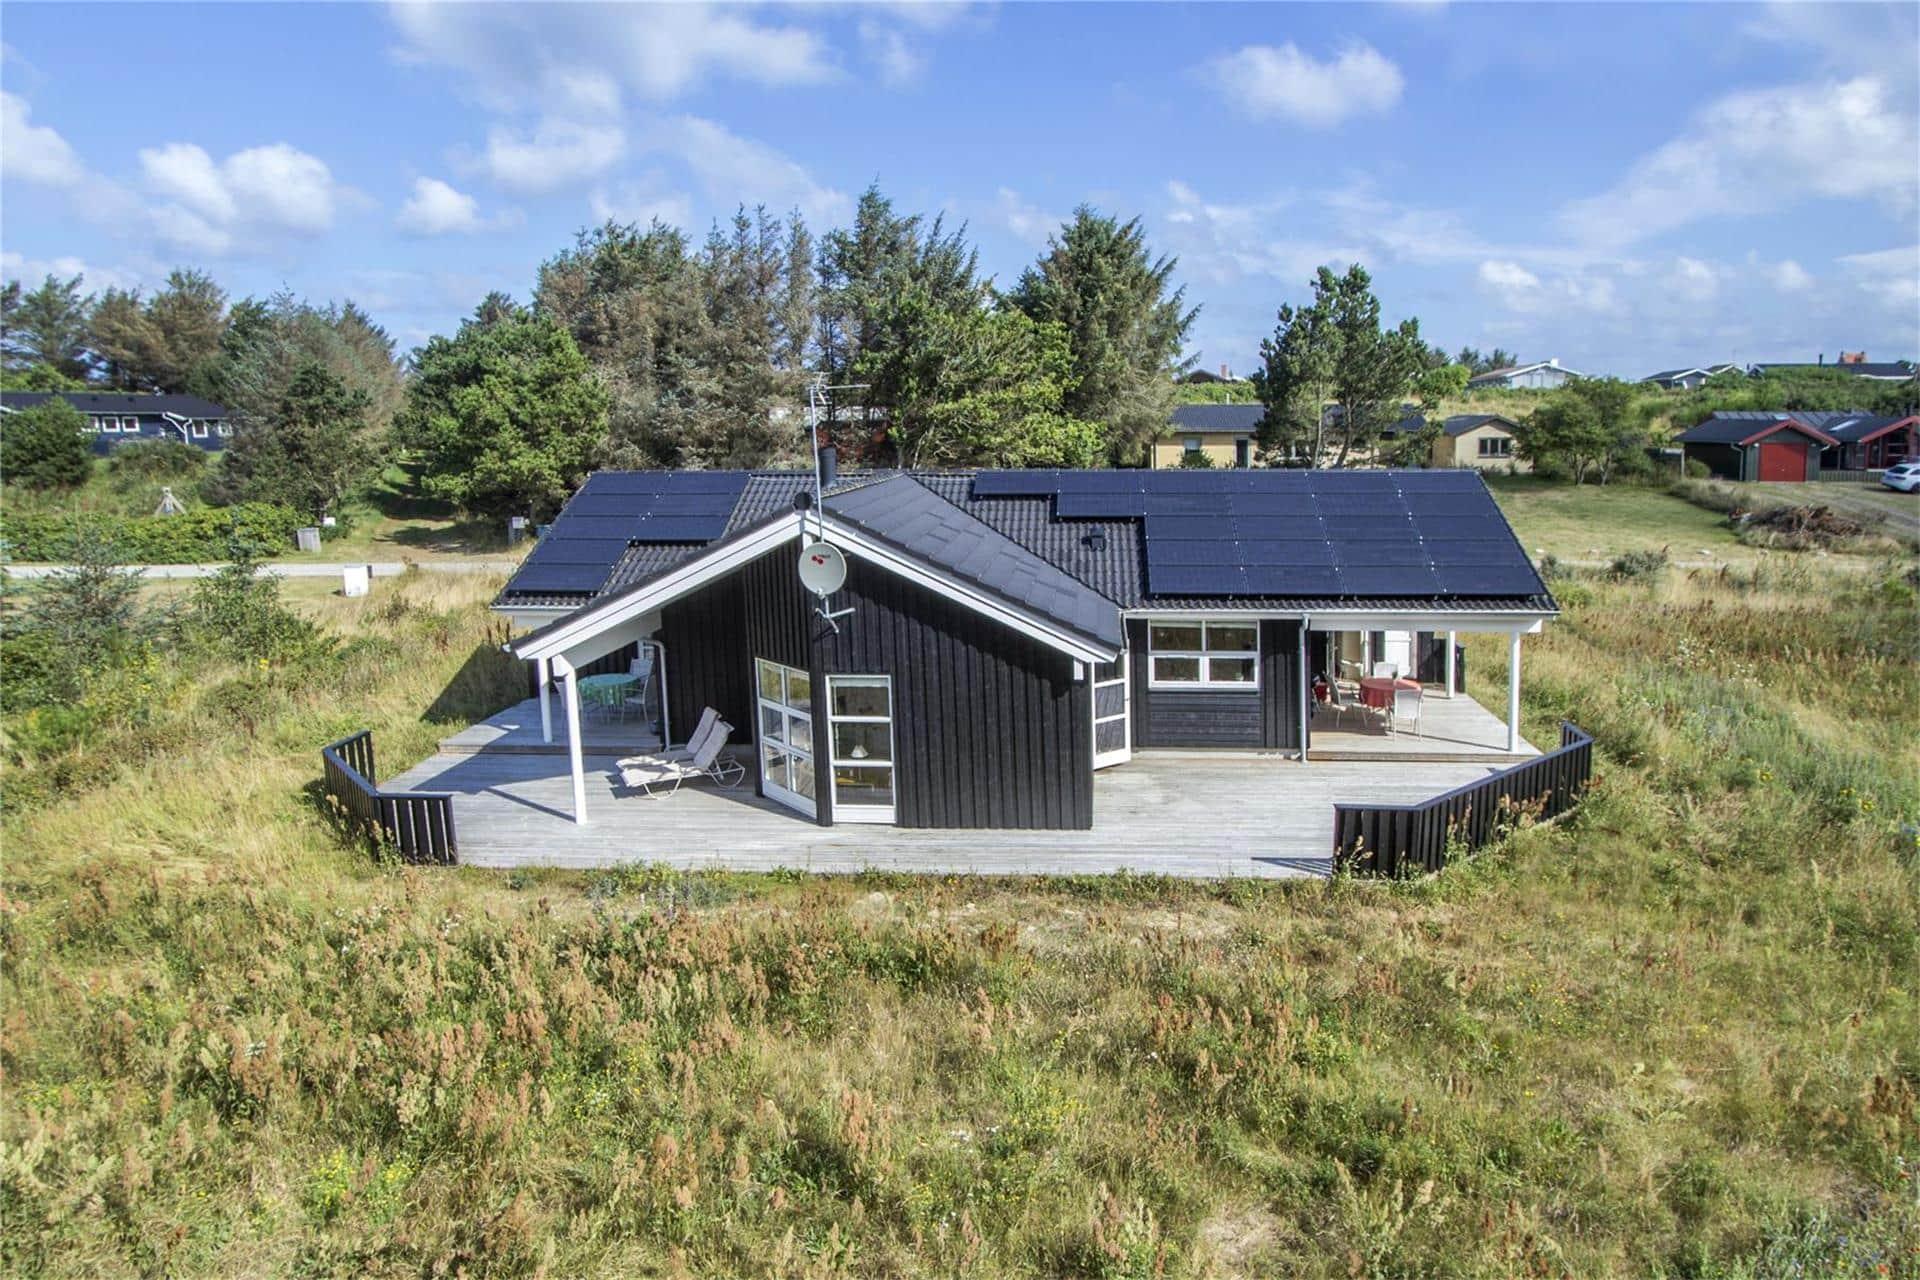 Afbeelding 1-14 Vakantiehuis 960, Kirkedalsvej 1, DK - 9800 Hjørring